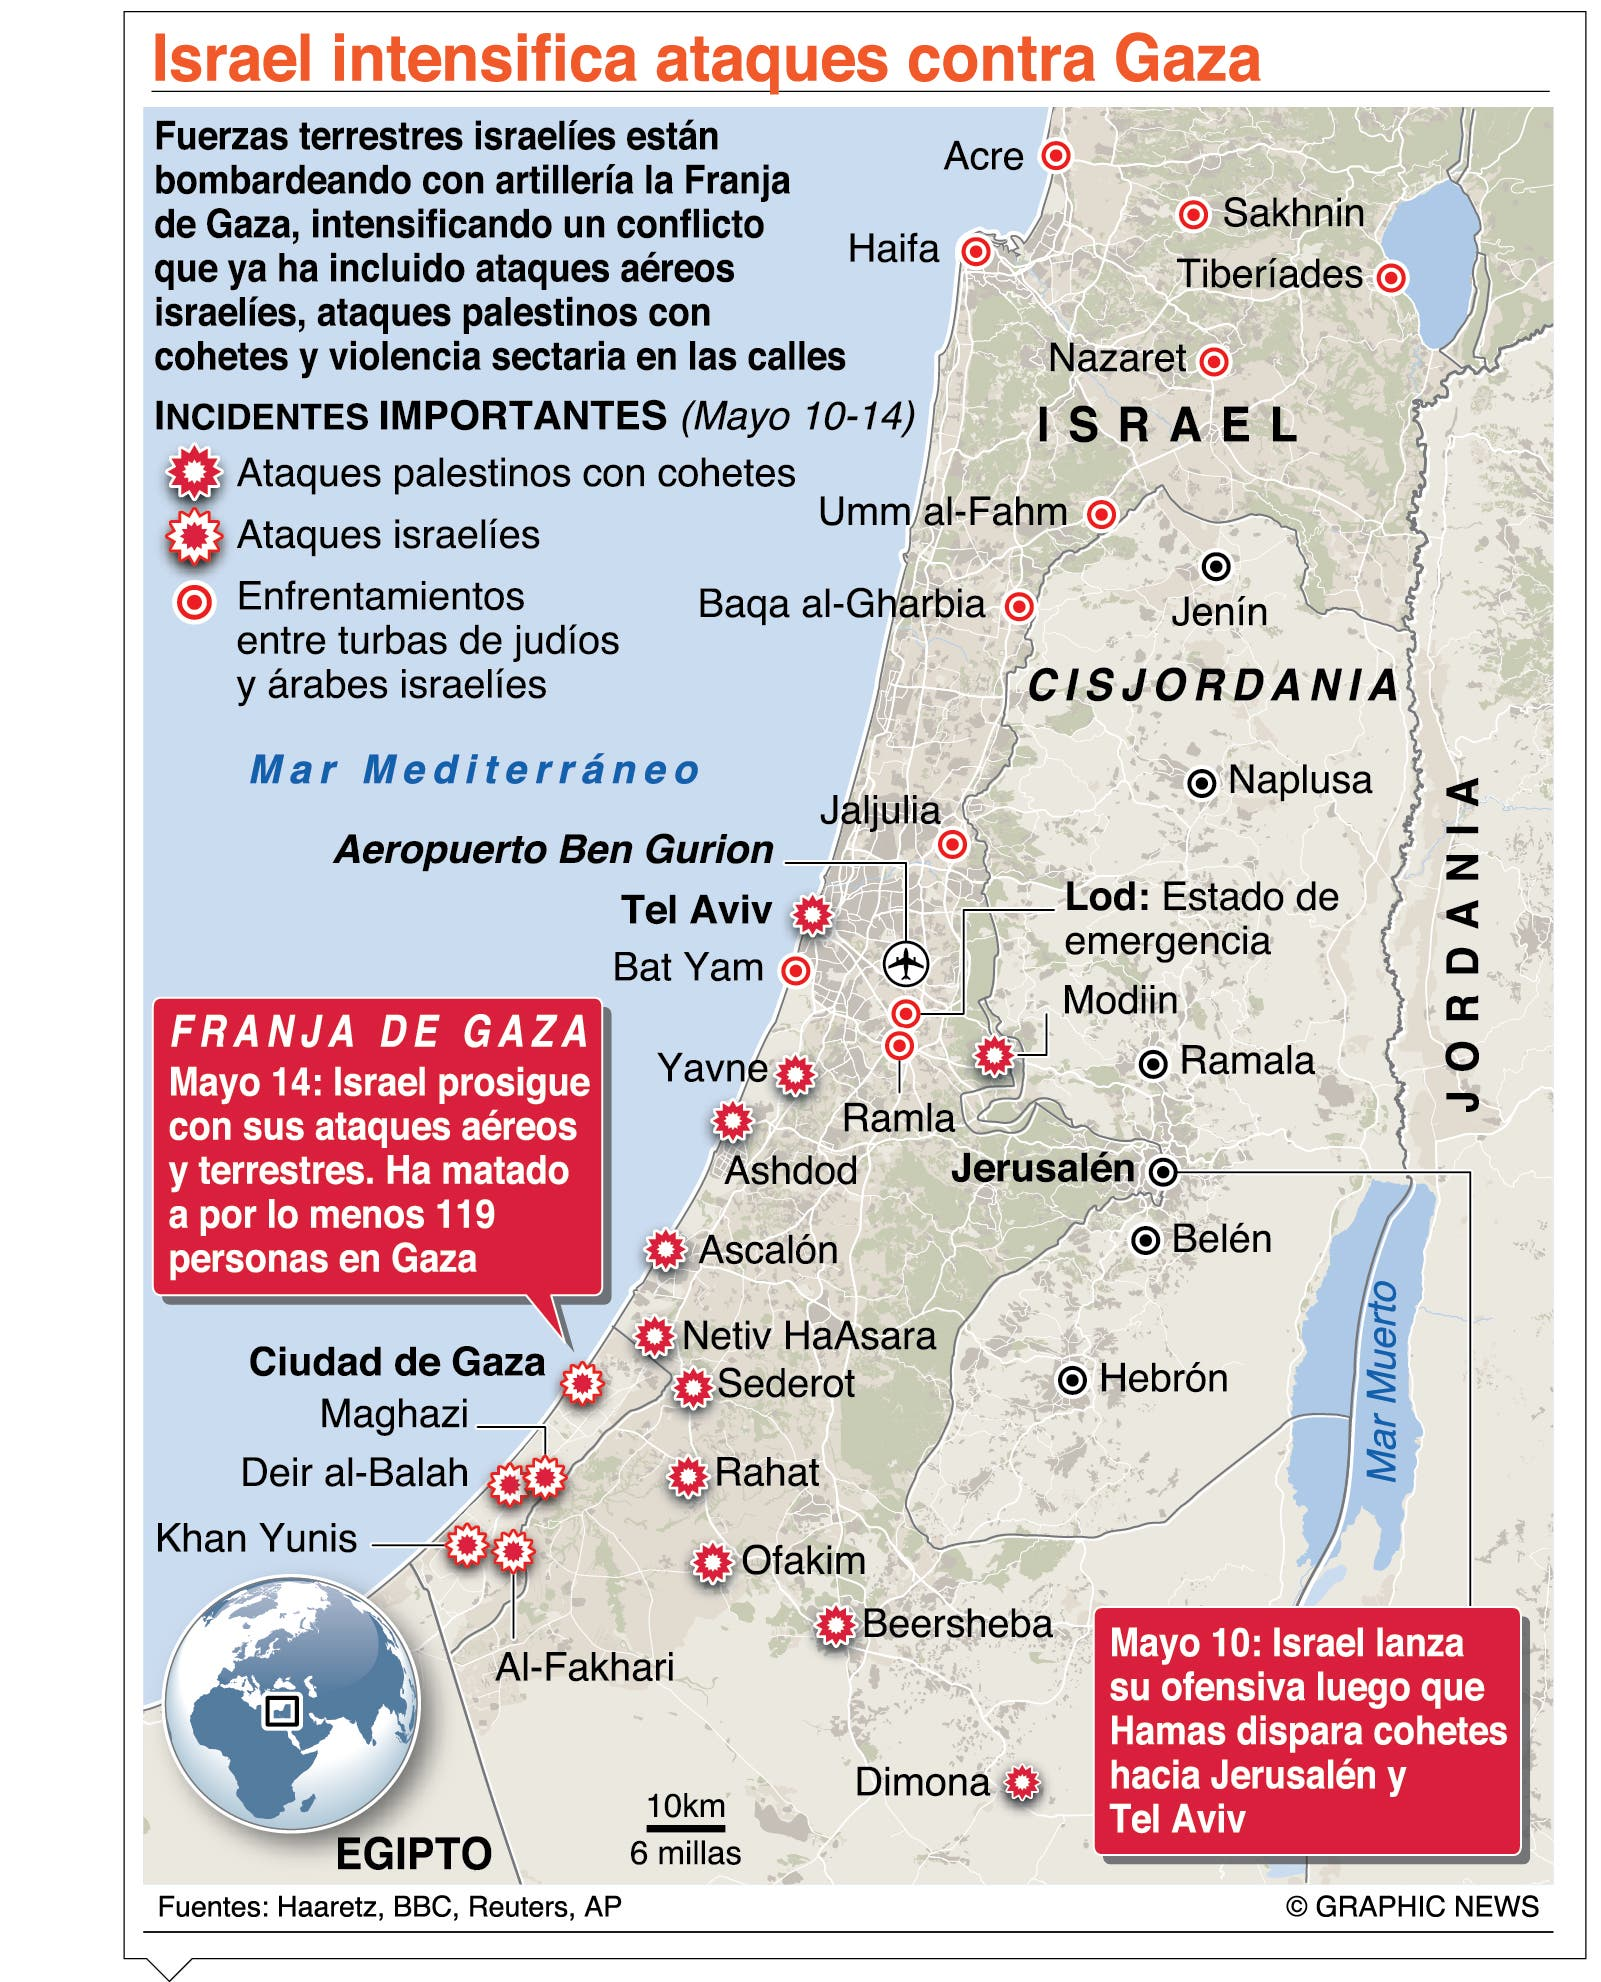 La guerra entre Israel y Gaza entra en la segunda semana